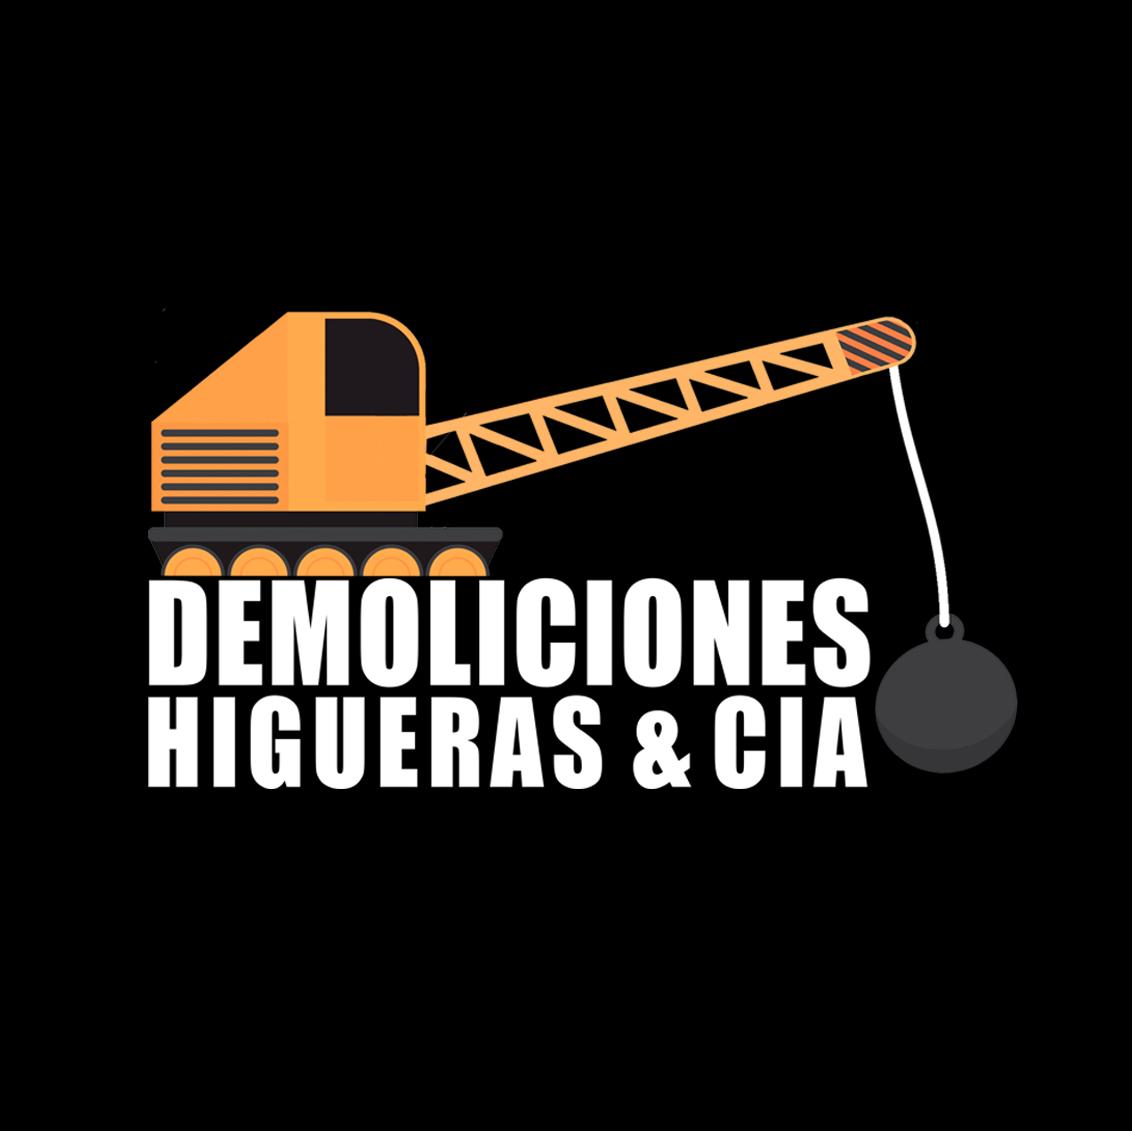 Demoliciones Higueras & Cia